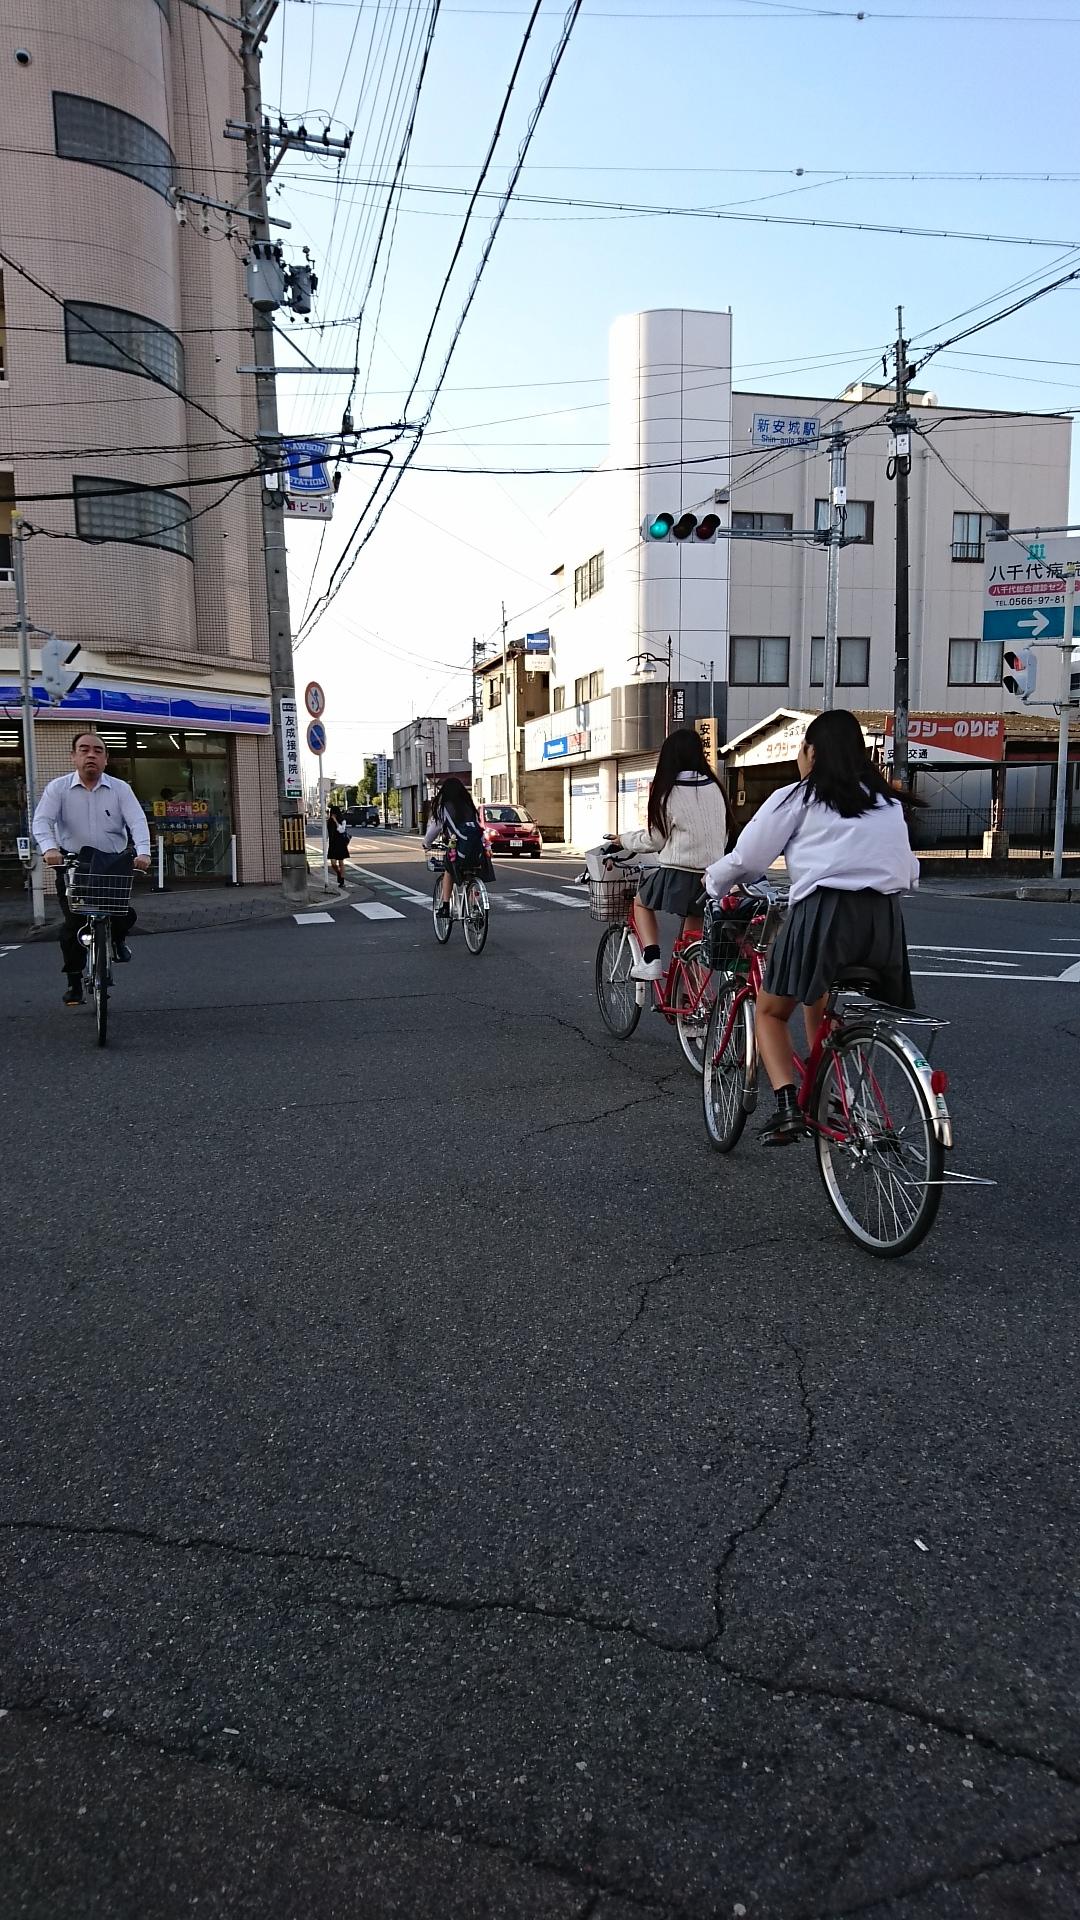 2016.10.19 あさ (9) しんあんじょうえき交差点